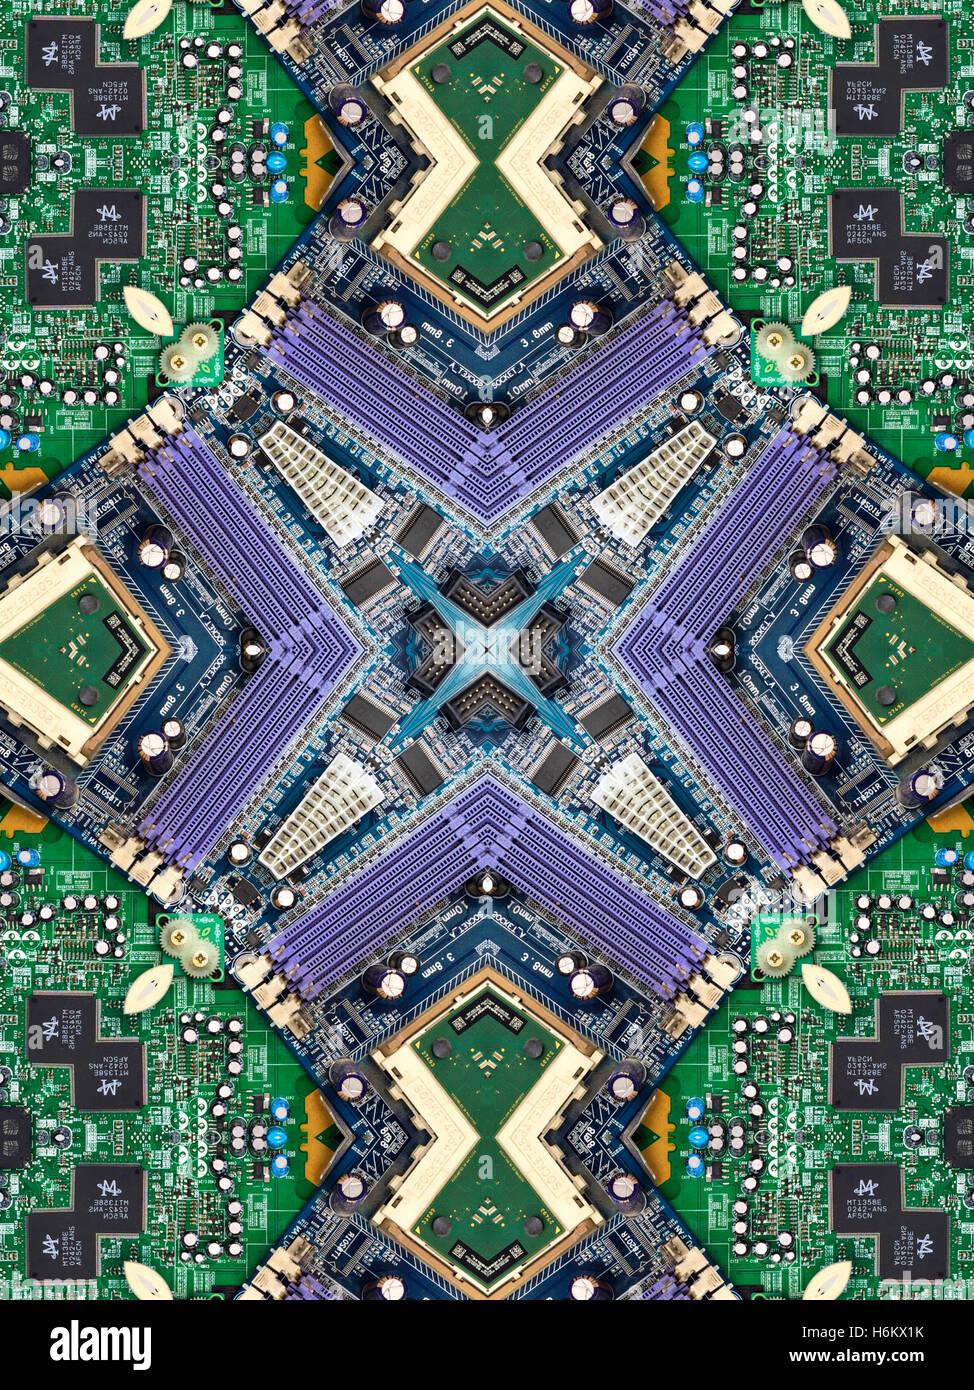 Un caleidoscopio imagen realizada desde el interior de un ordenador - su motherboard, chip de computadora, y los Imagen De Stock